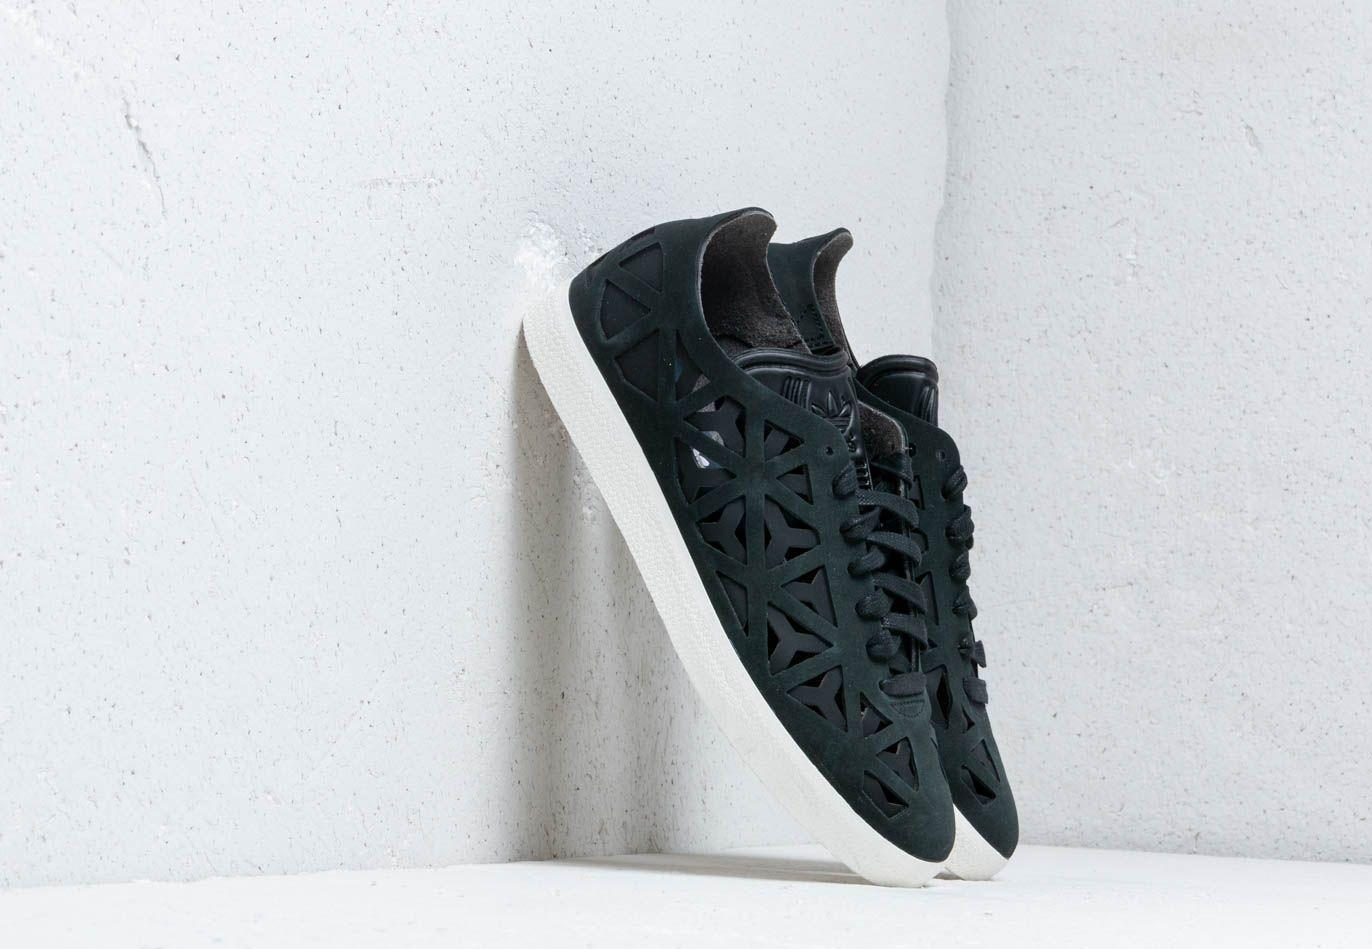 Adidas Gazelle Cutout W Core Black/ Core Black/ Off White